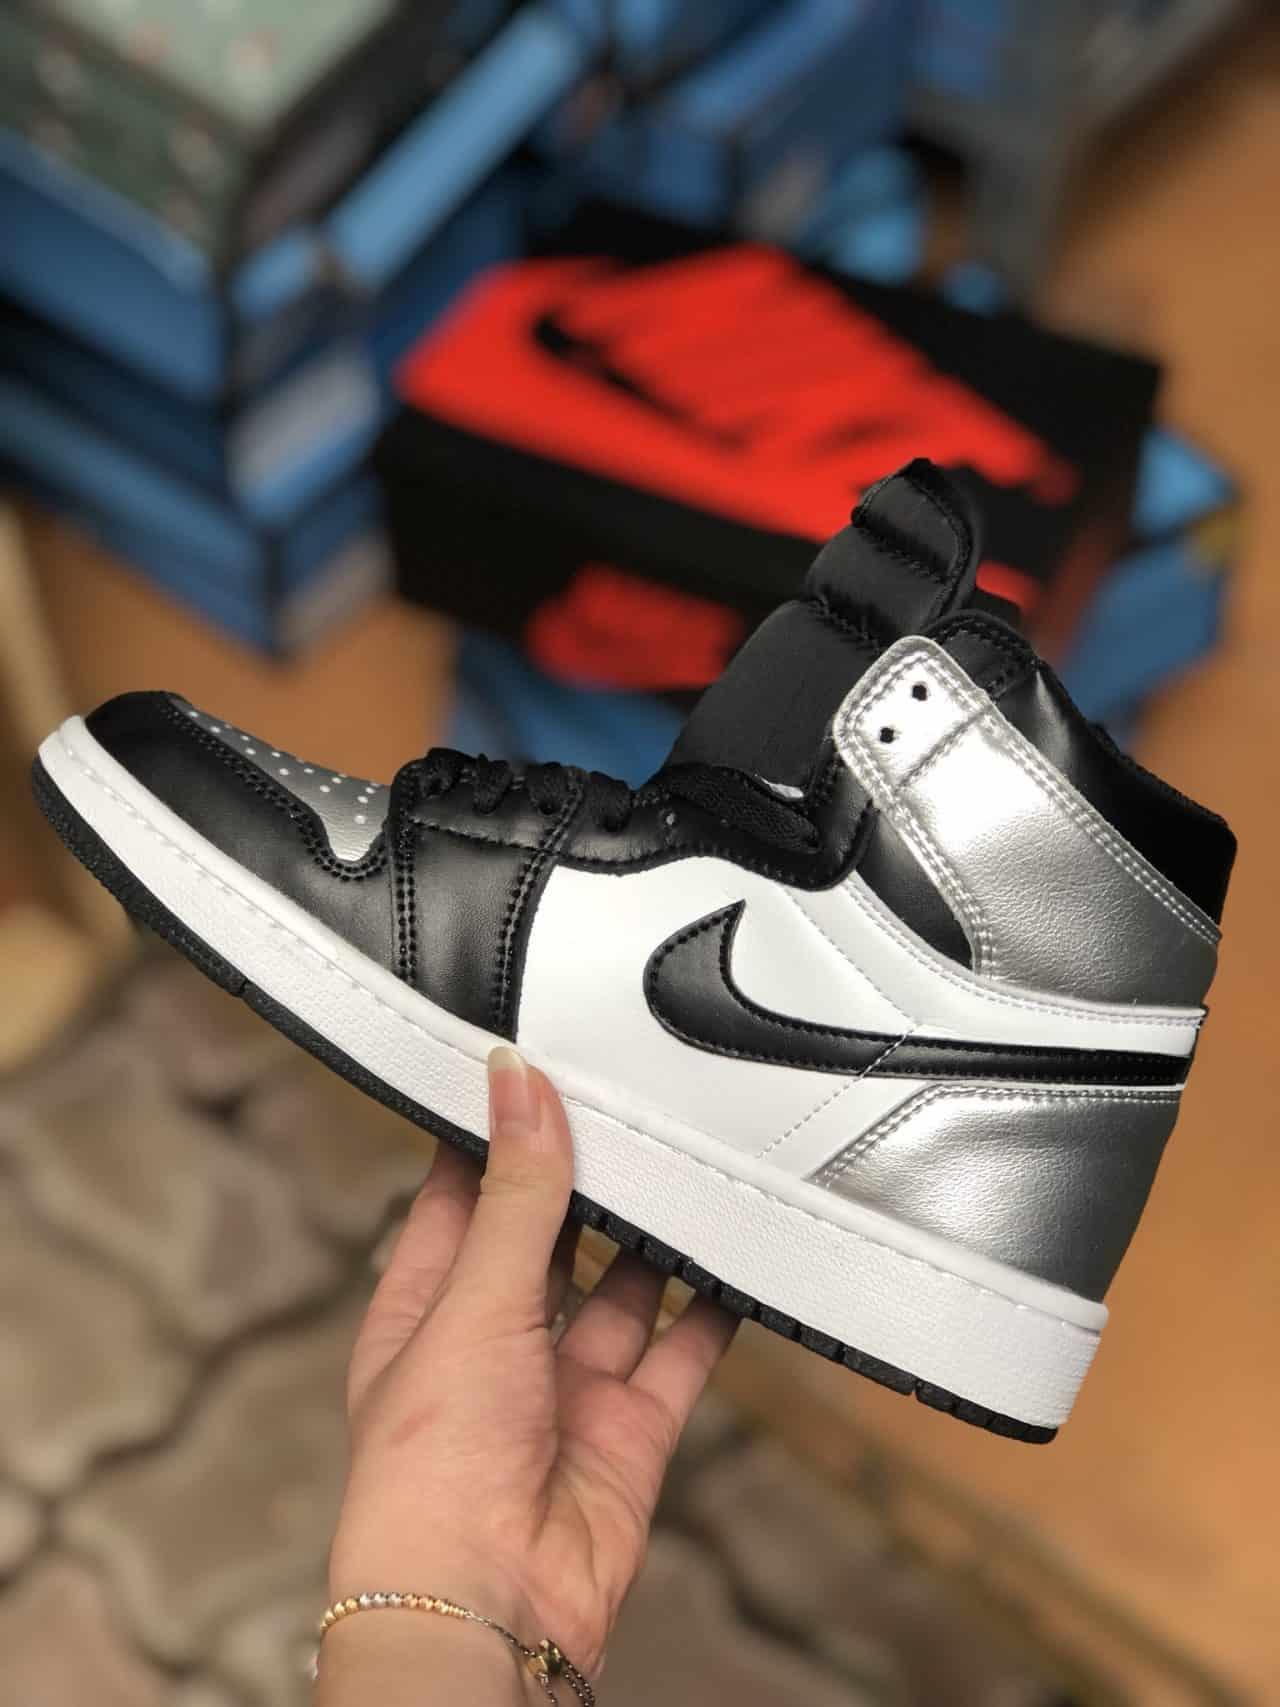 Giày Nike có chất lượng cực kỳ tốt